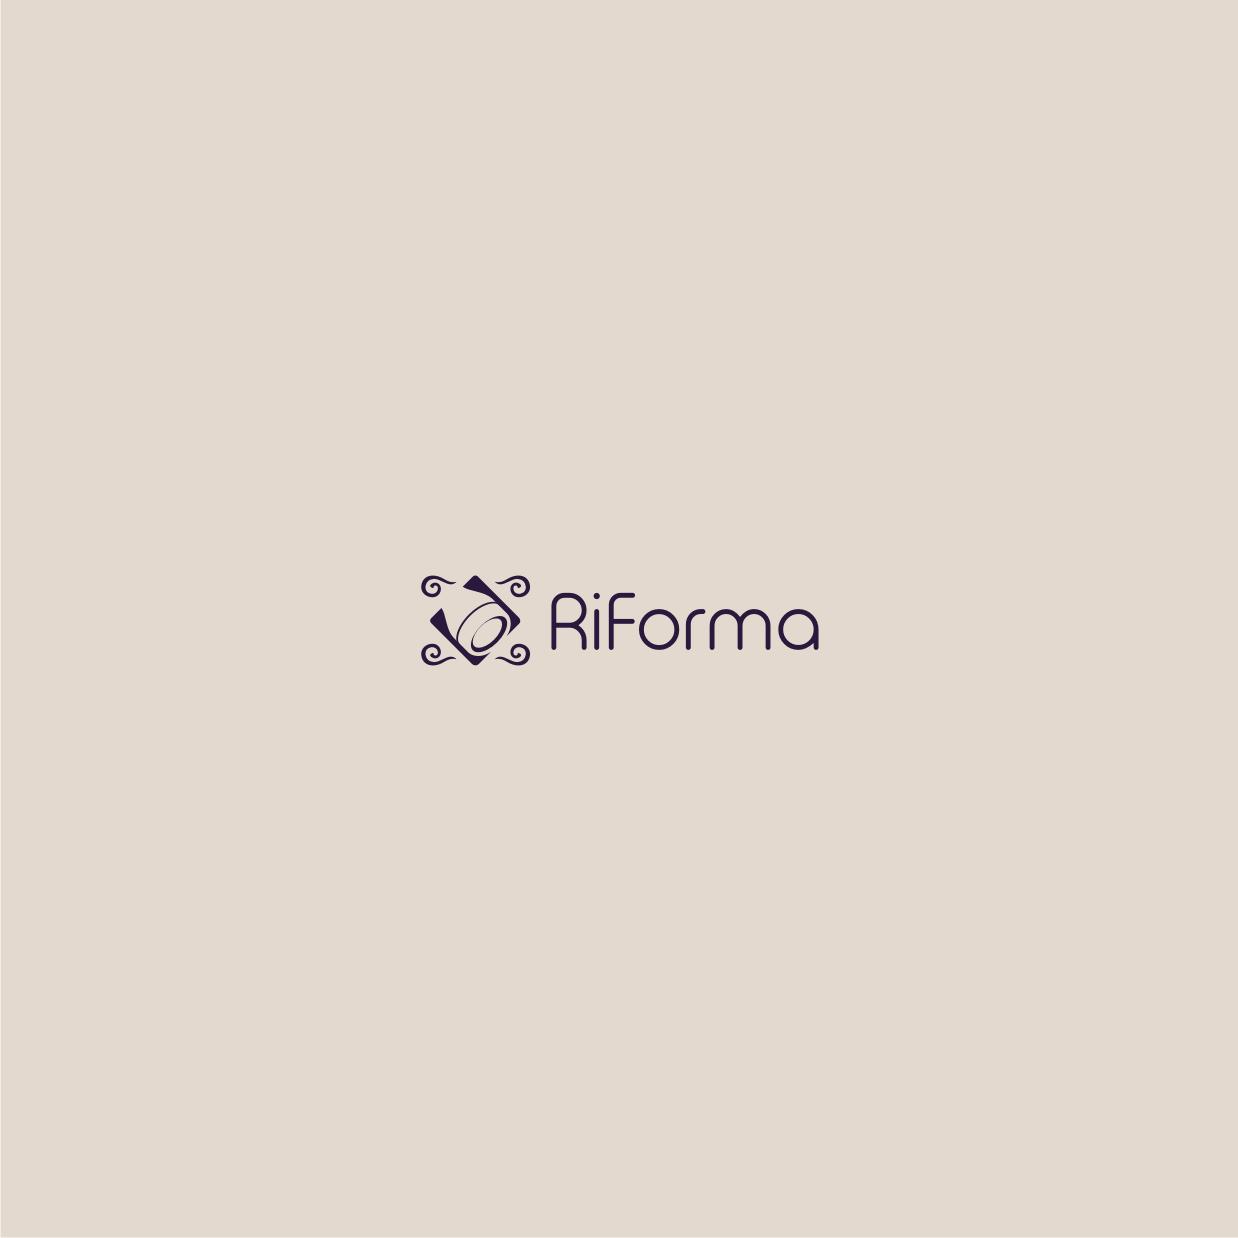 Разработка логотипа и элементов фирменного стиля фото f_1865793204e1669d.png